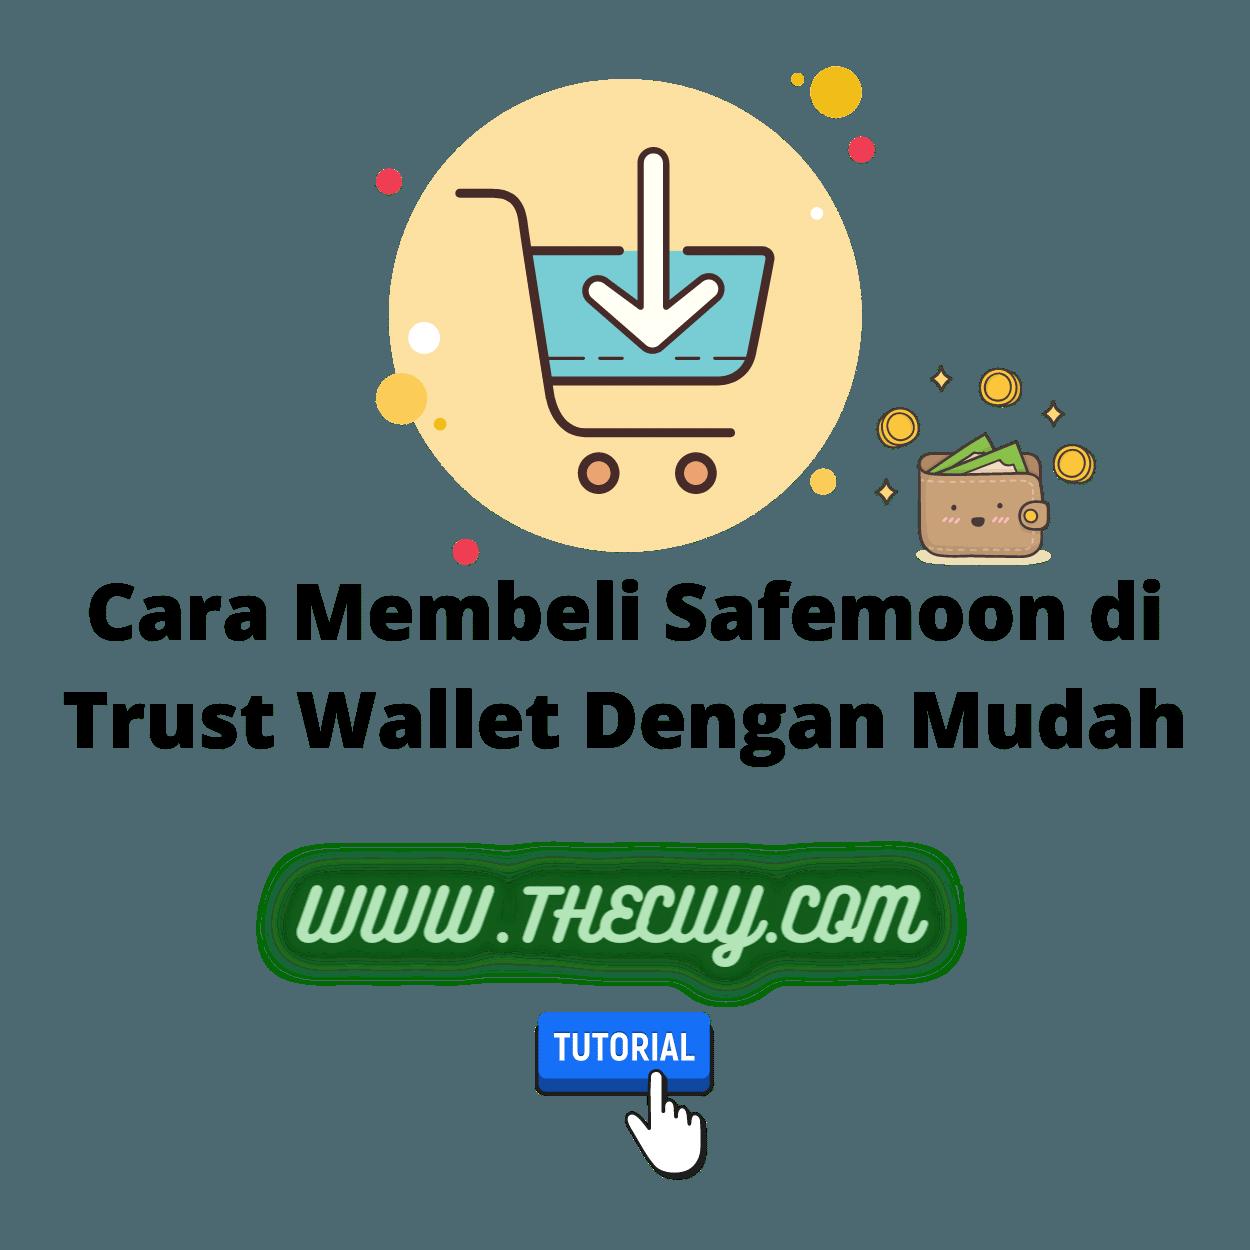 Cara Membeli Safemoon di Trust Wallet Dengan Mudah